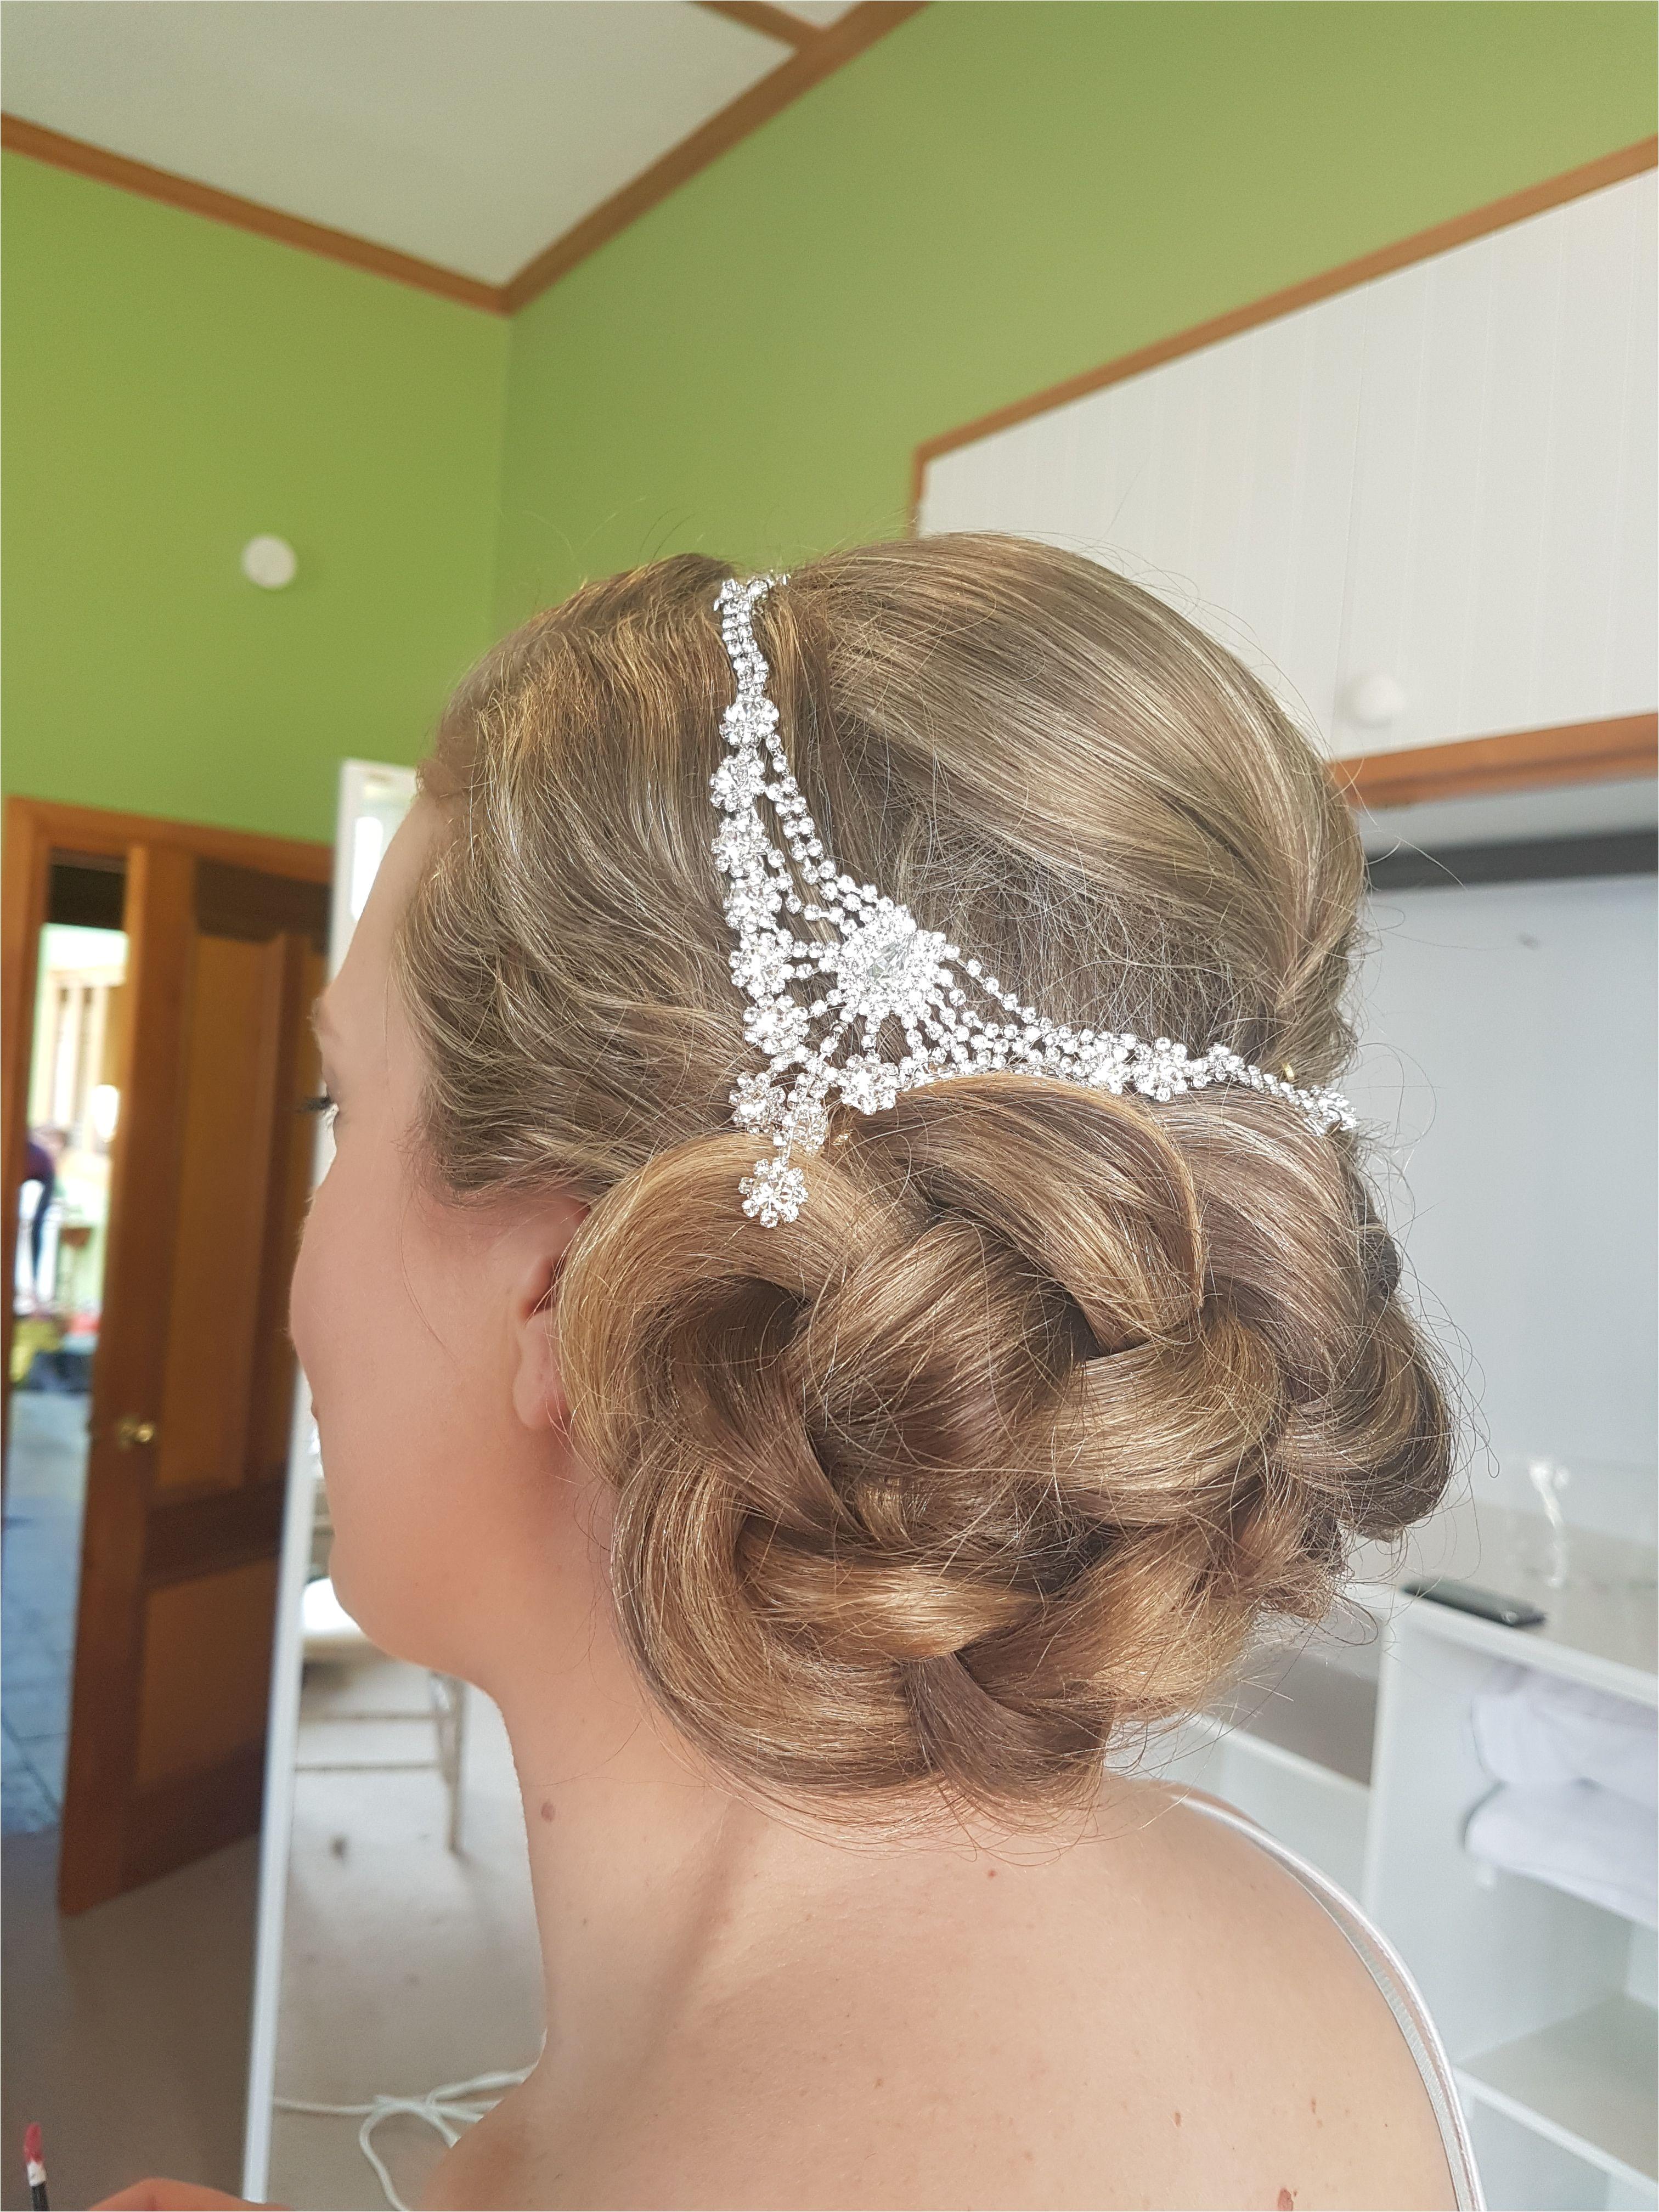 bridal hair style braid braided chignon bride hair by Sara of Absolutely Fabulous Hair